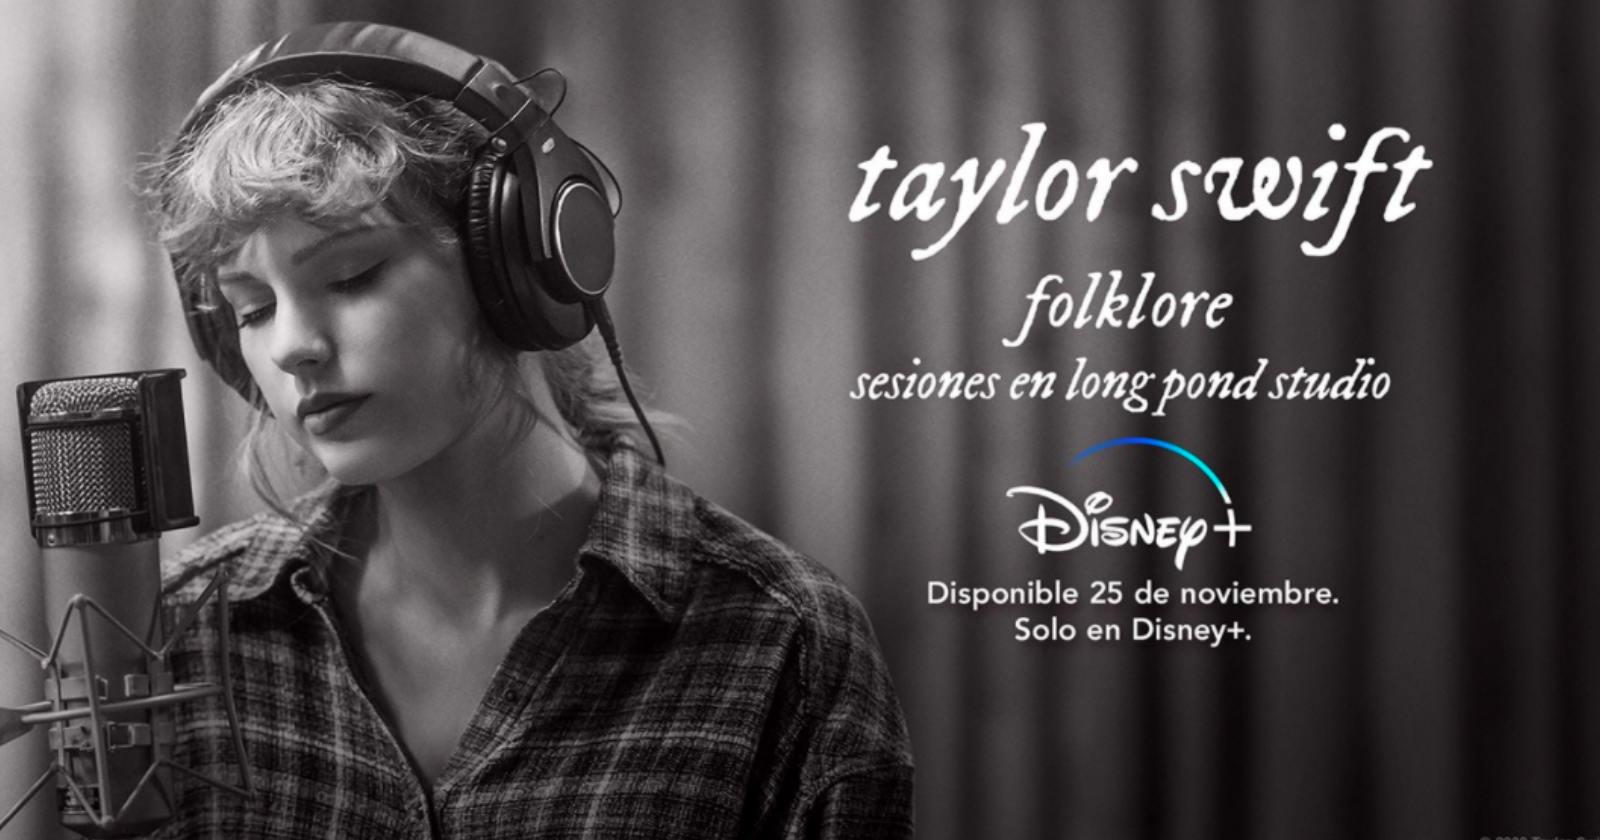 Folklore, sesiones en Long Pond Studios: así será el especial de Taylor Swift en Disney+